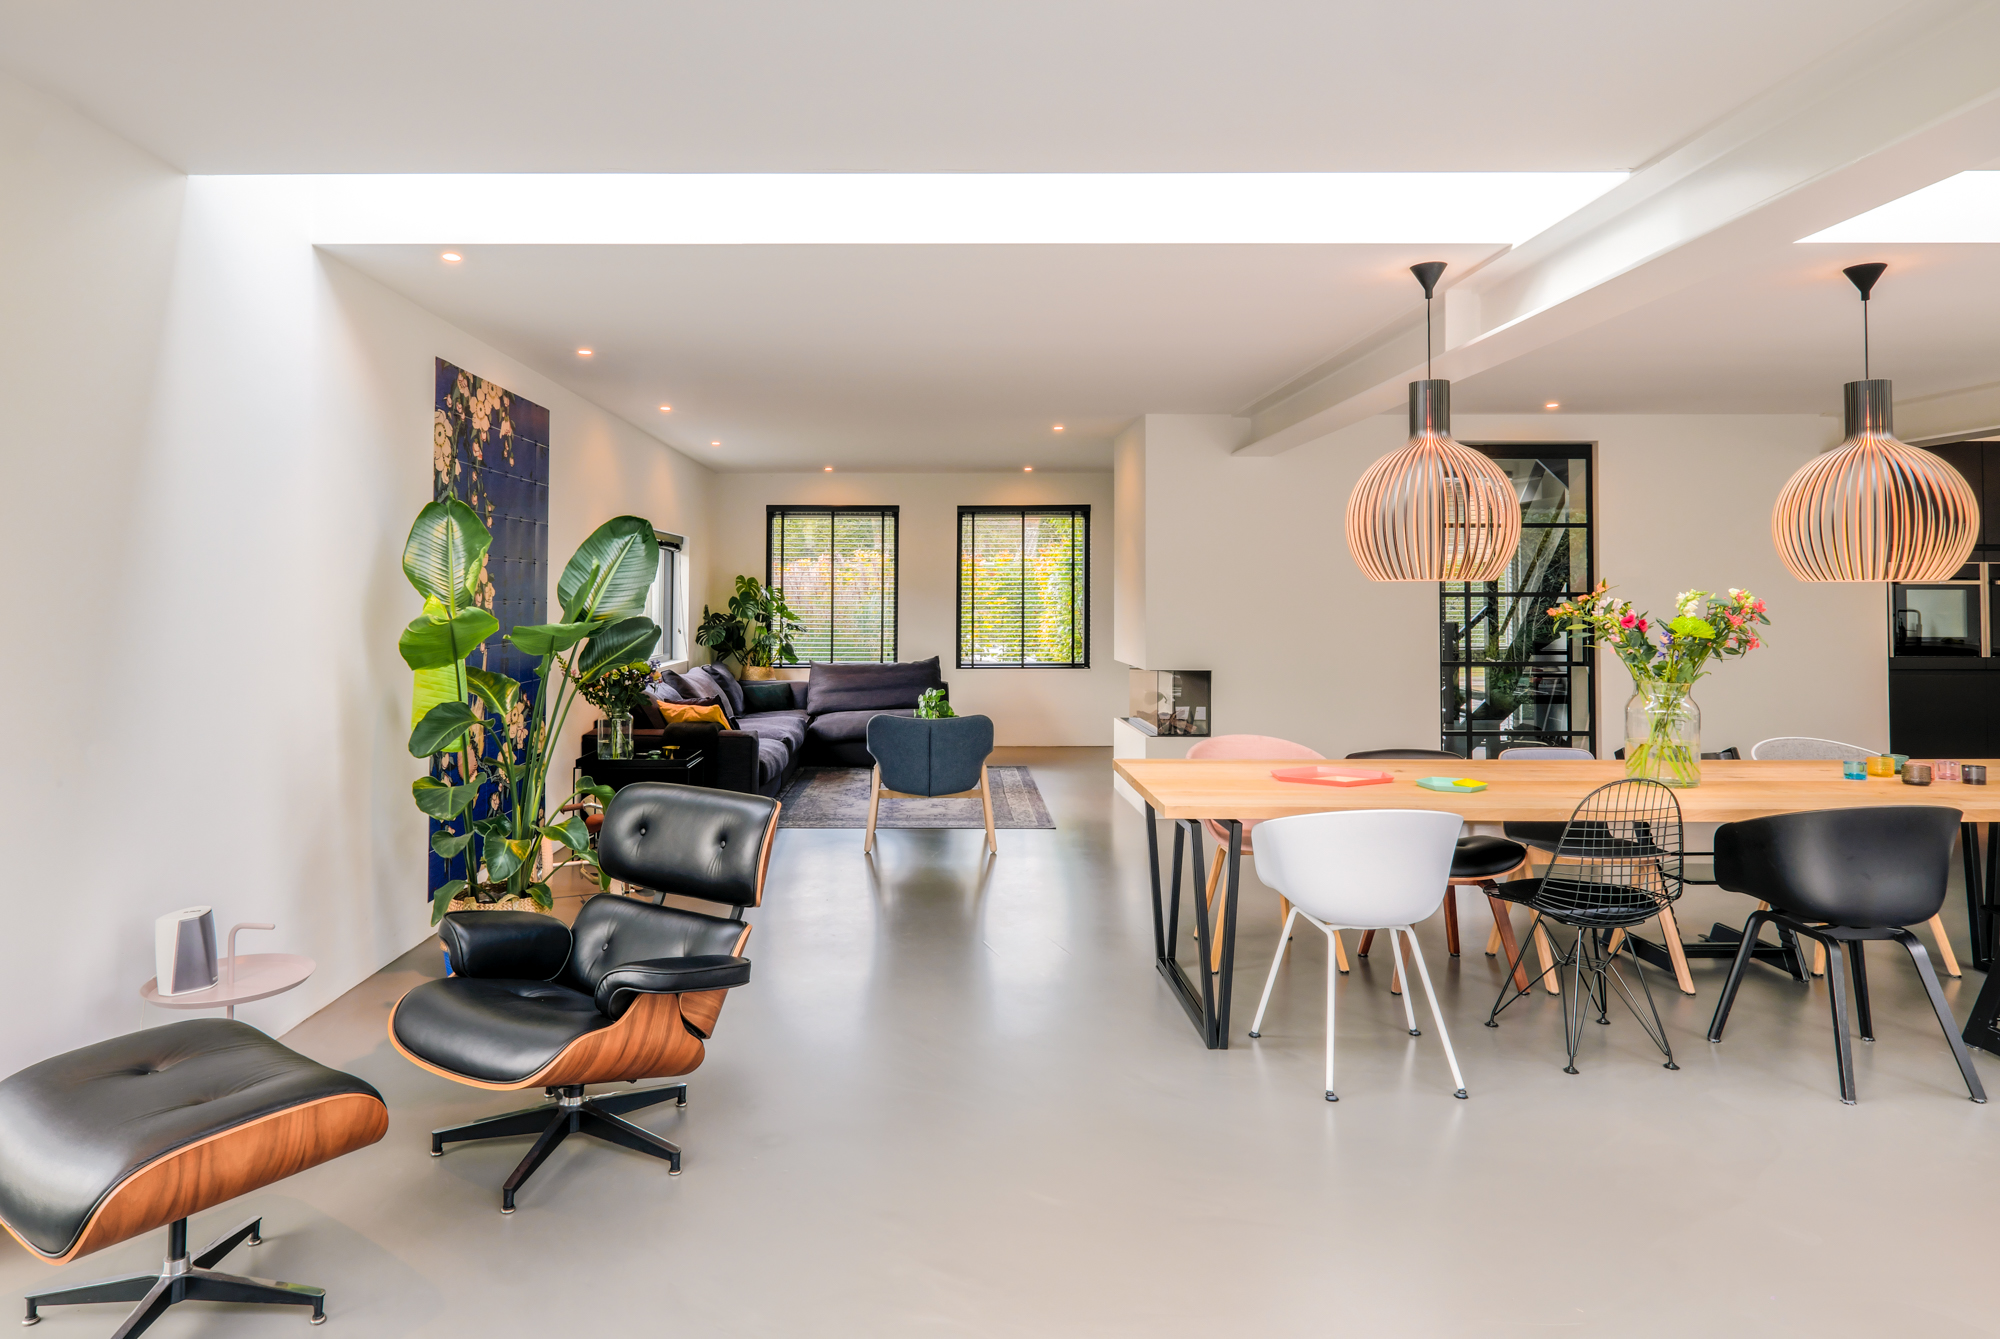 van-os-architecten-breda-ontwerp-moderne-aanbouw-met-aluminium-vouwschuifpui-gietvloer-en-lichtstraat